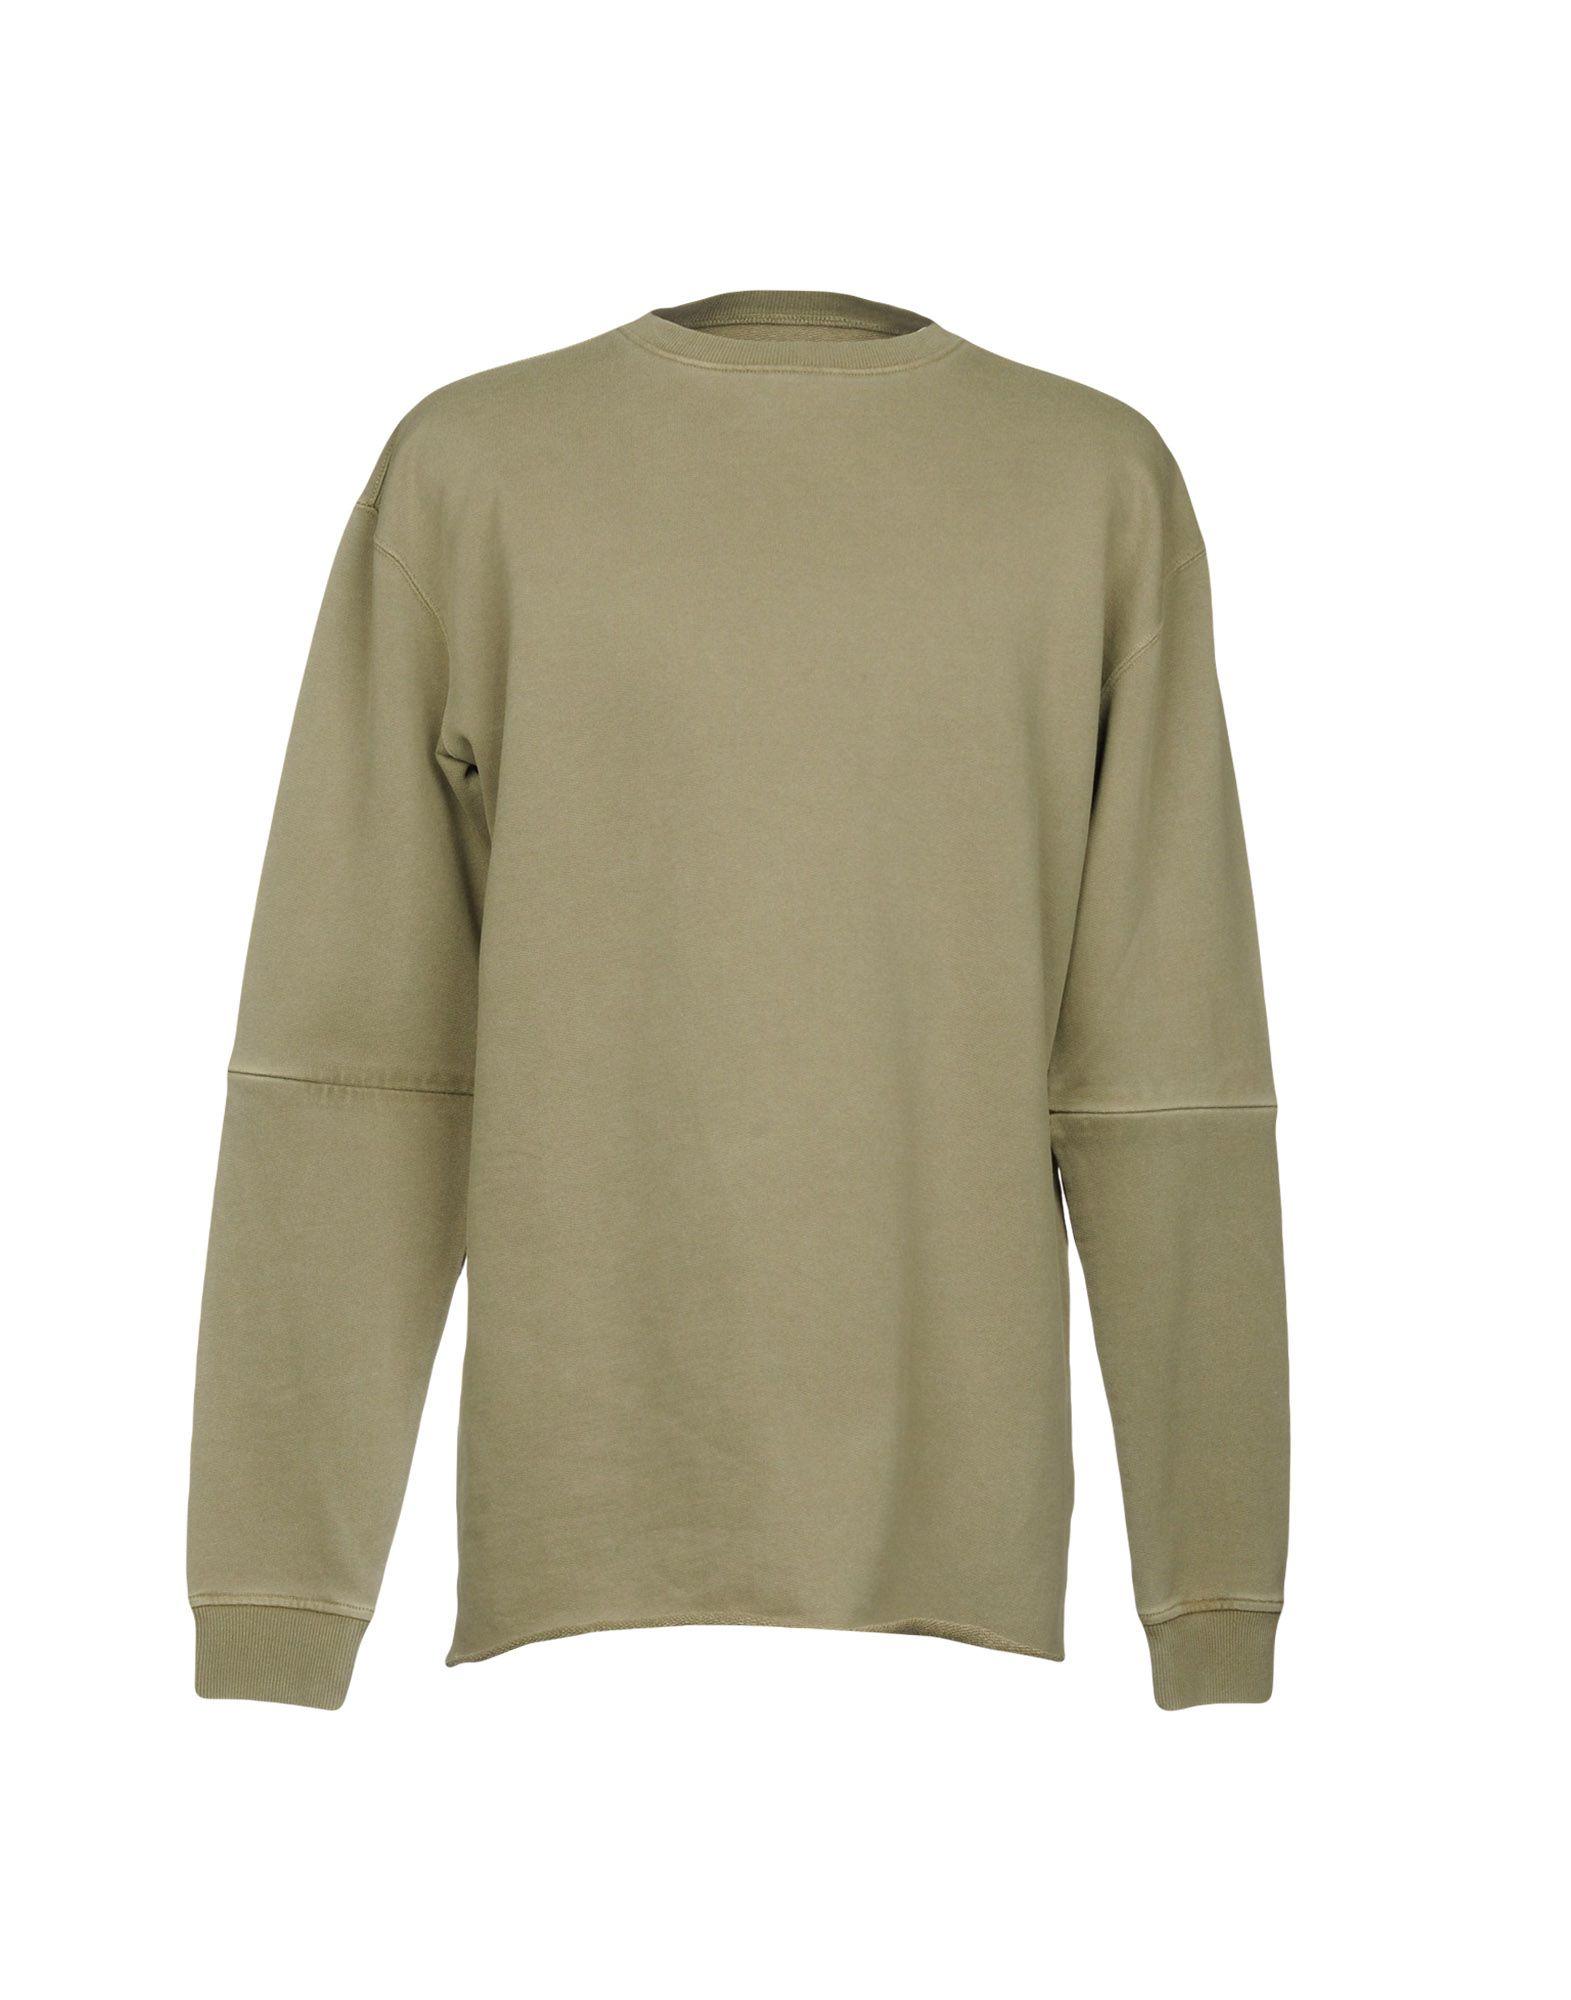 0bad36af5 Maharishi Sweatshirt - Men Maharishi Sweatshirts online on YOOX ...